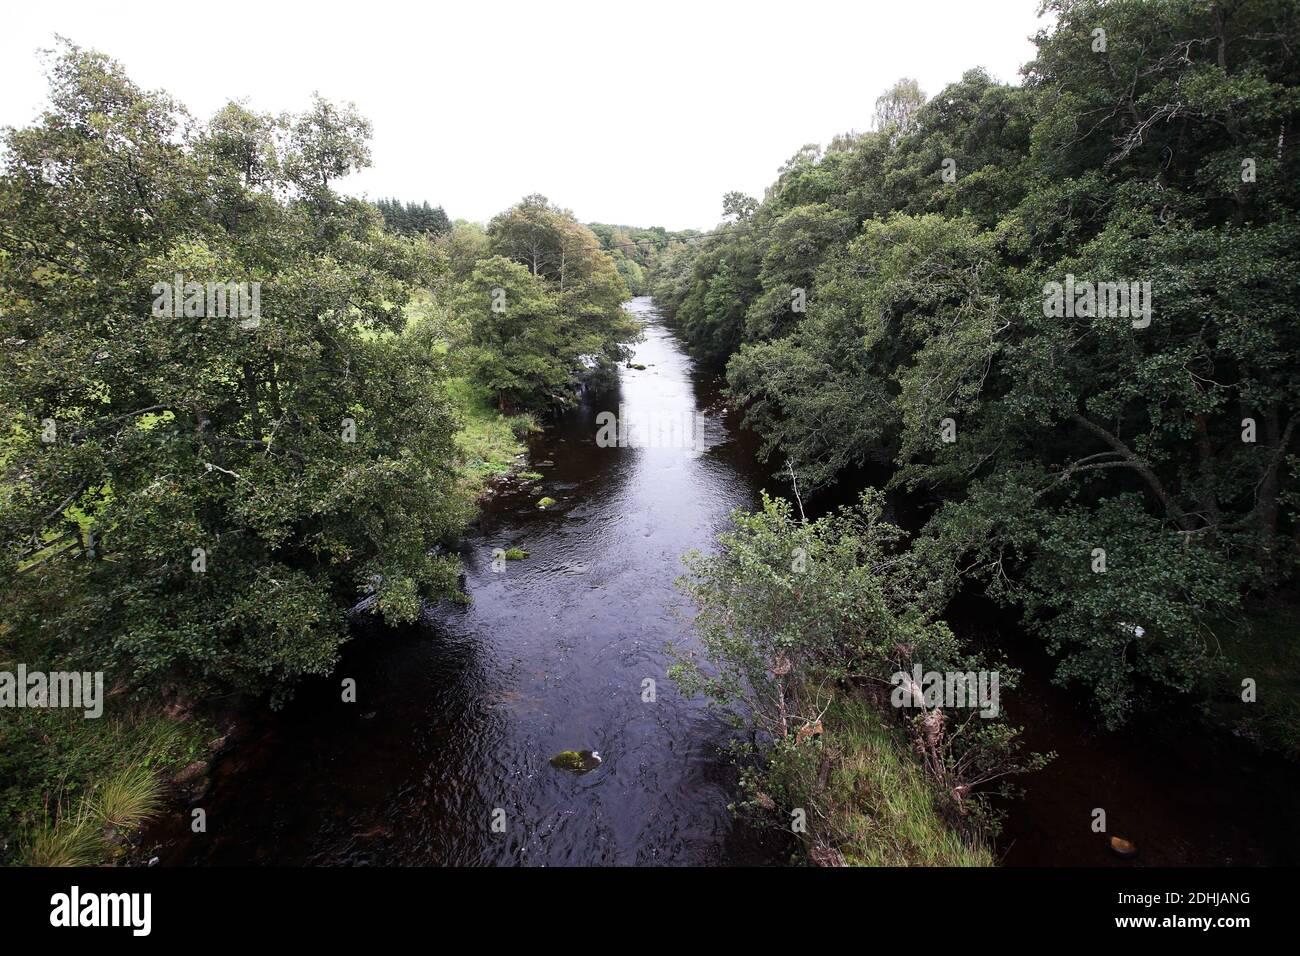 Le Coquet de la rivière en aval à Alwinton.Samedi 3 octobre 2020. Banque D'Images